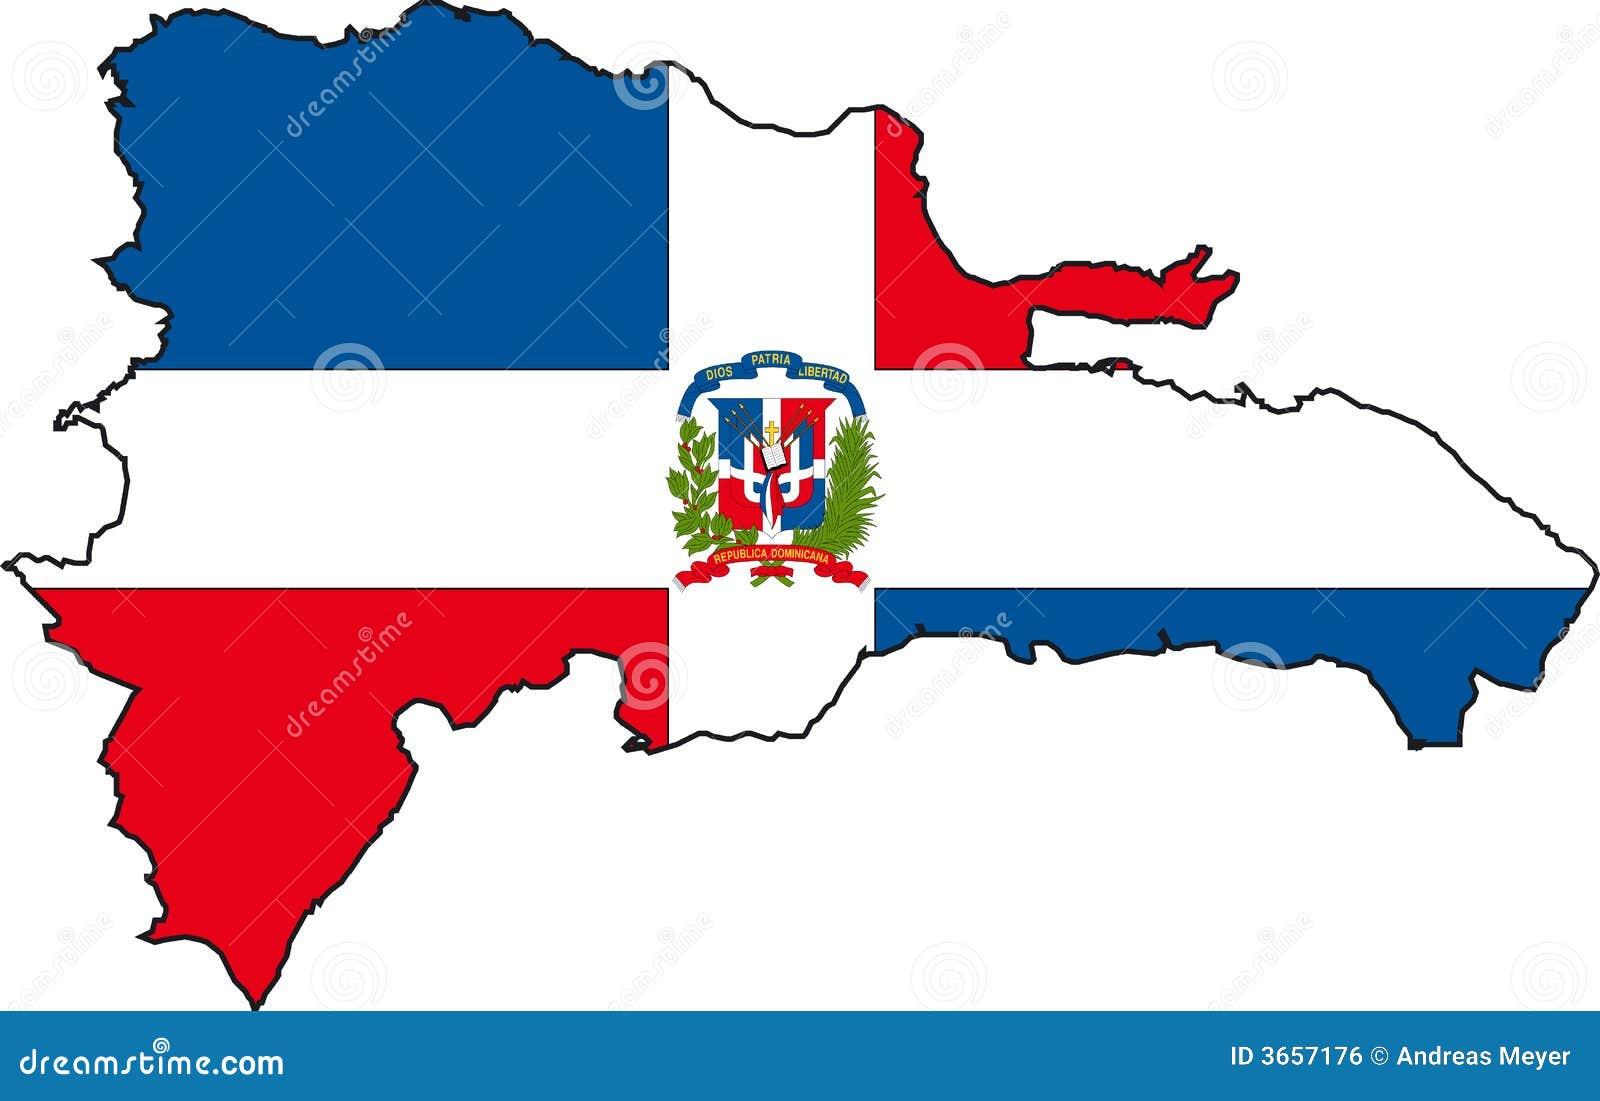 доминиканский вектор республики карты